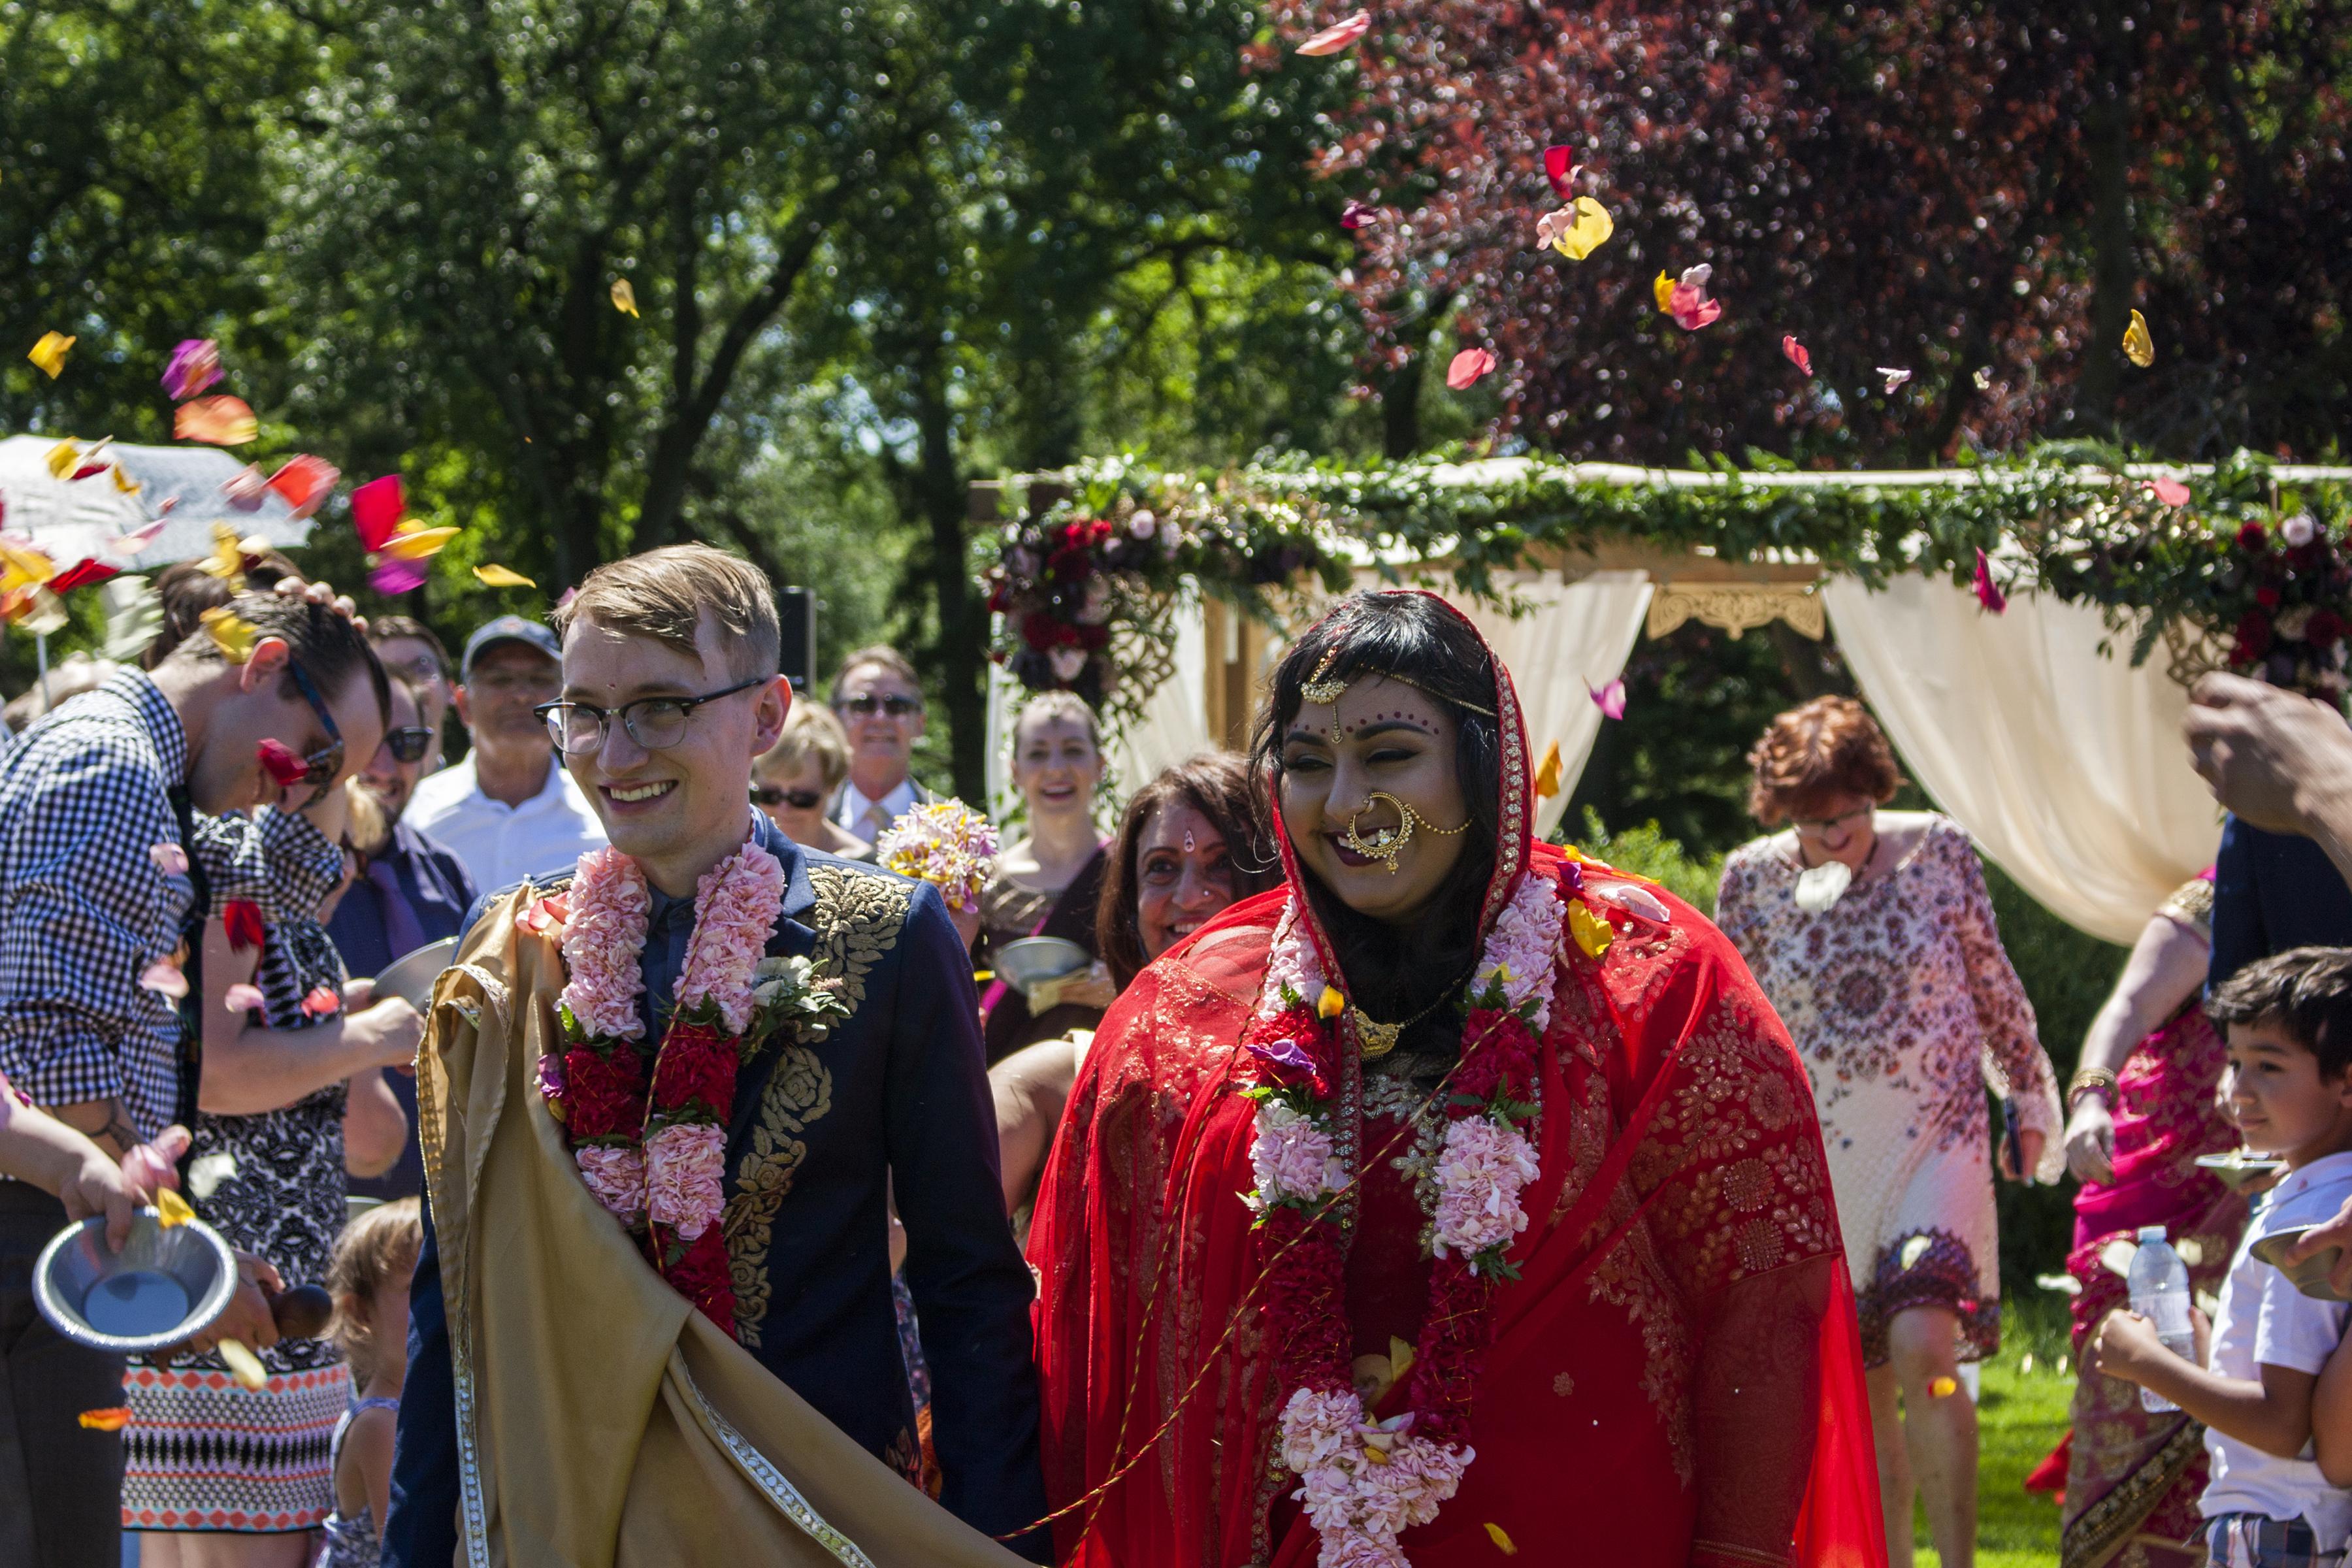 Winnipeg Indian Wedding - Amanda Douglas Events